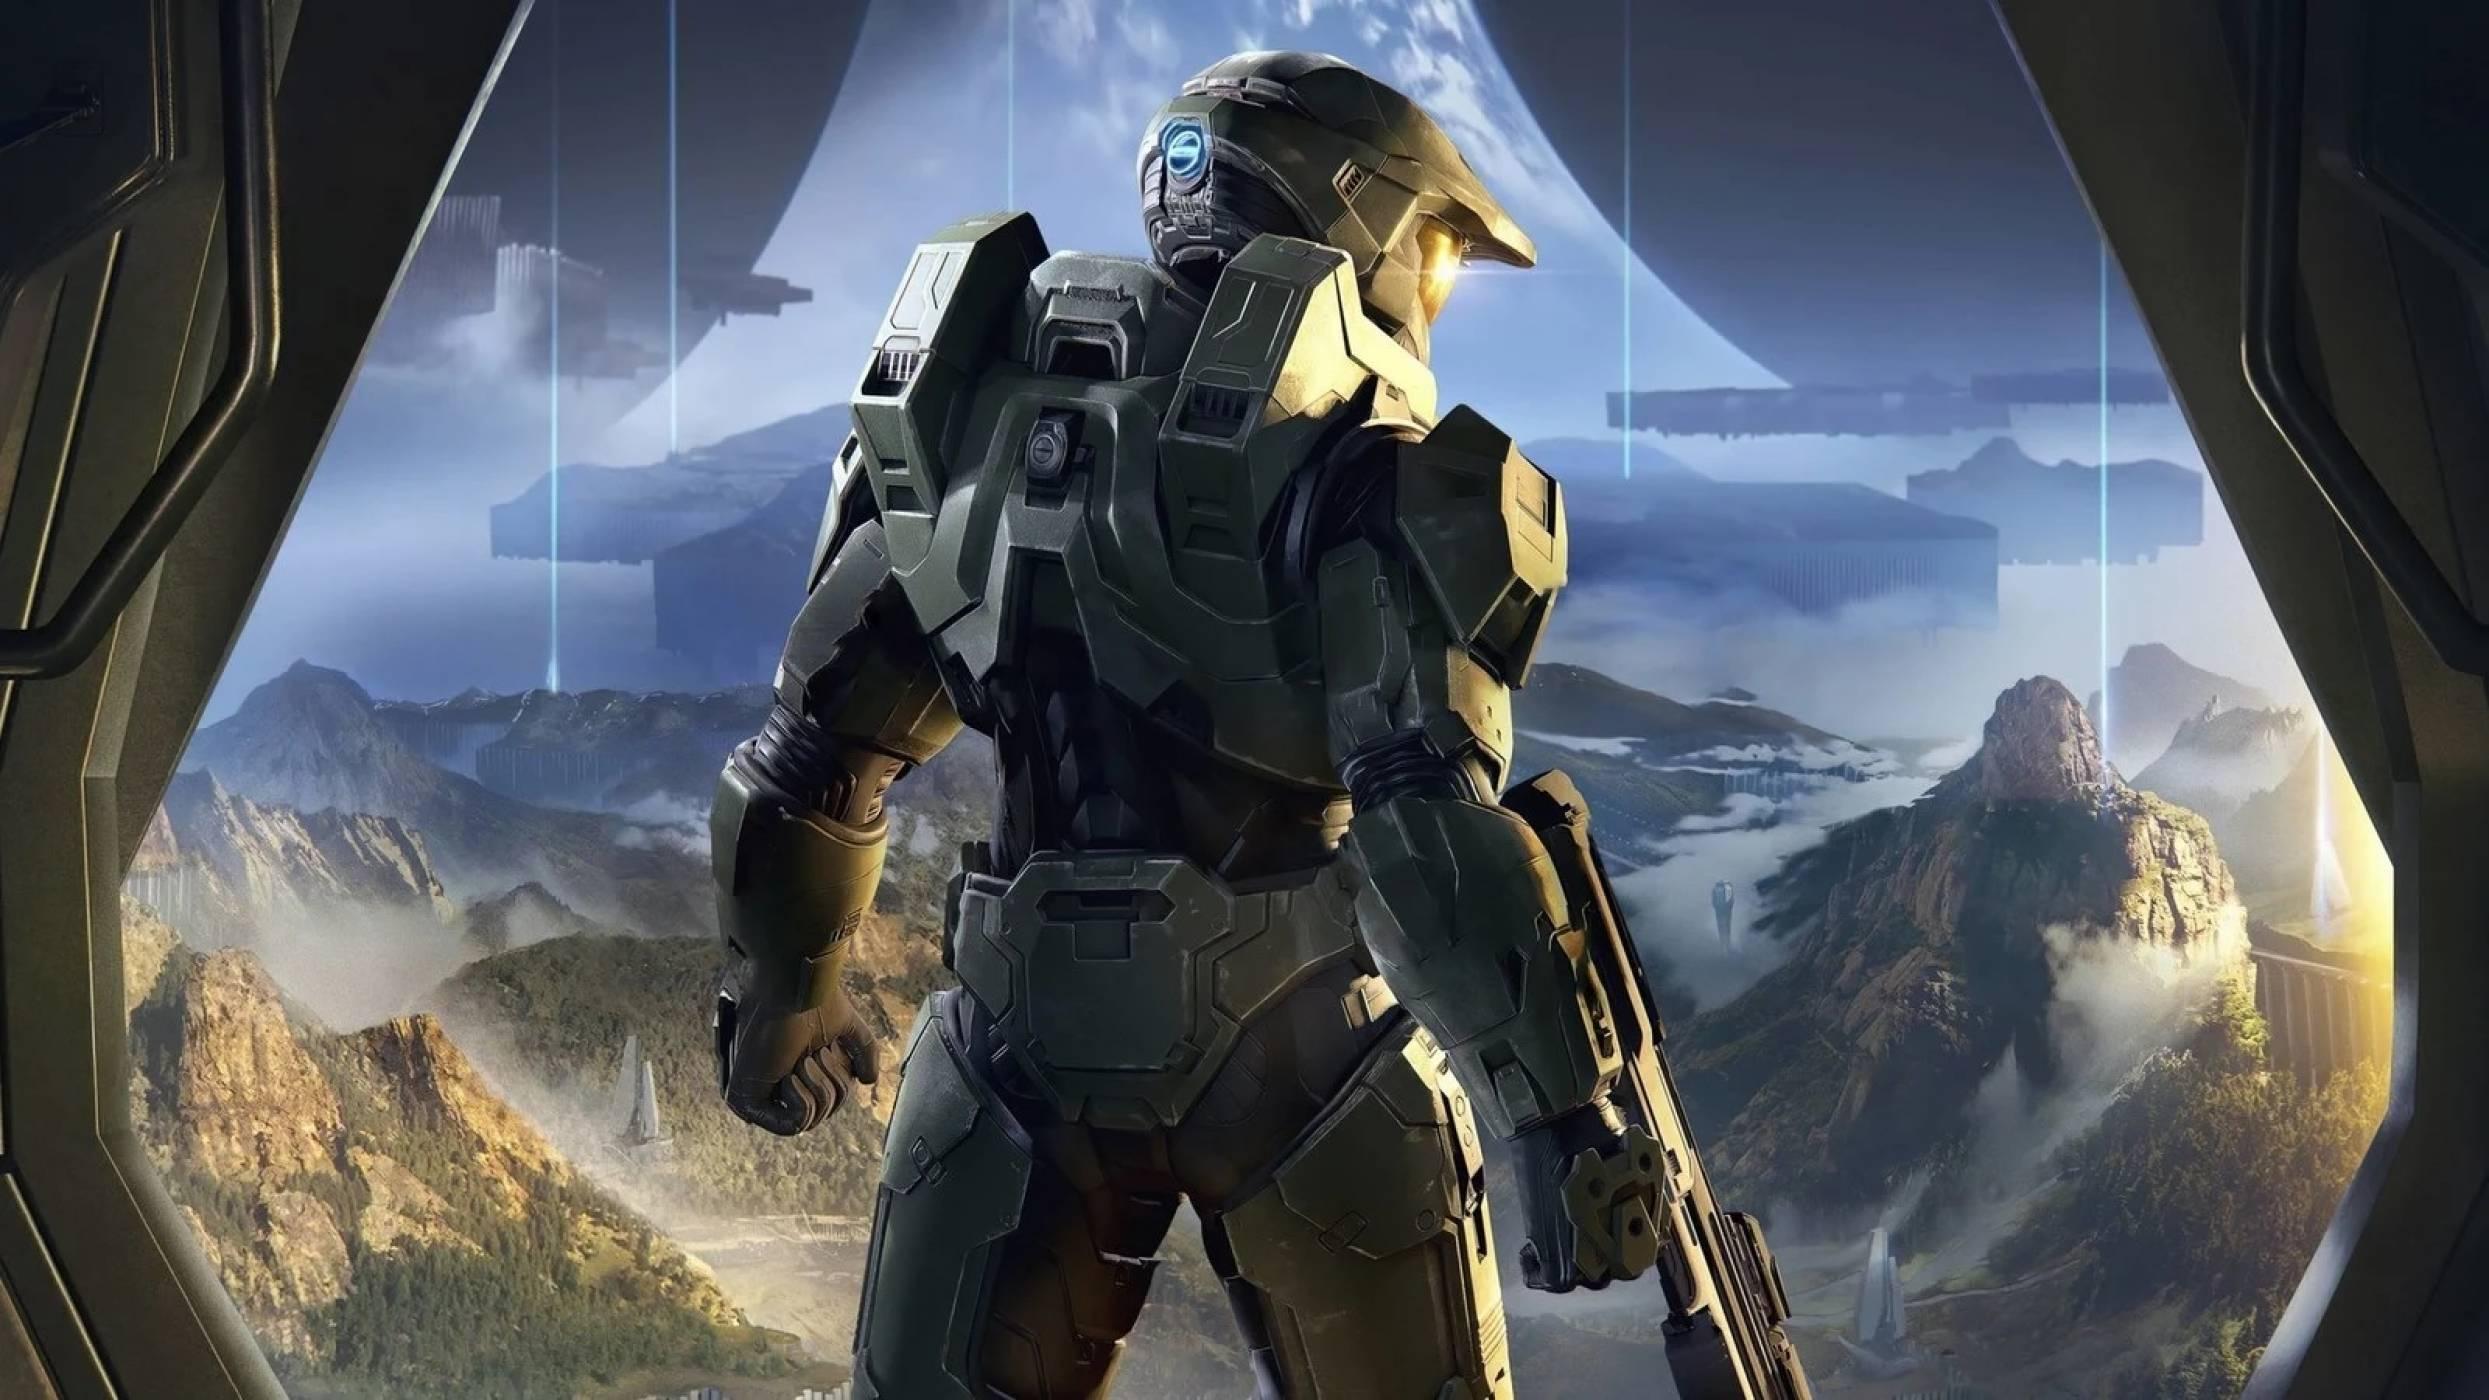 Halo Infinite е първата игра от култовата серия, която се прави изцяло за РС